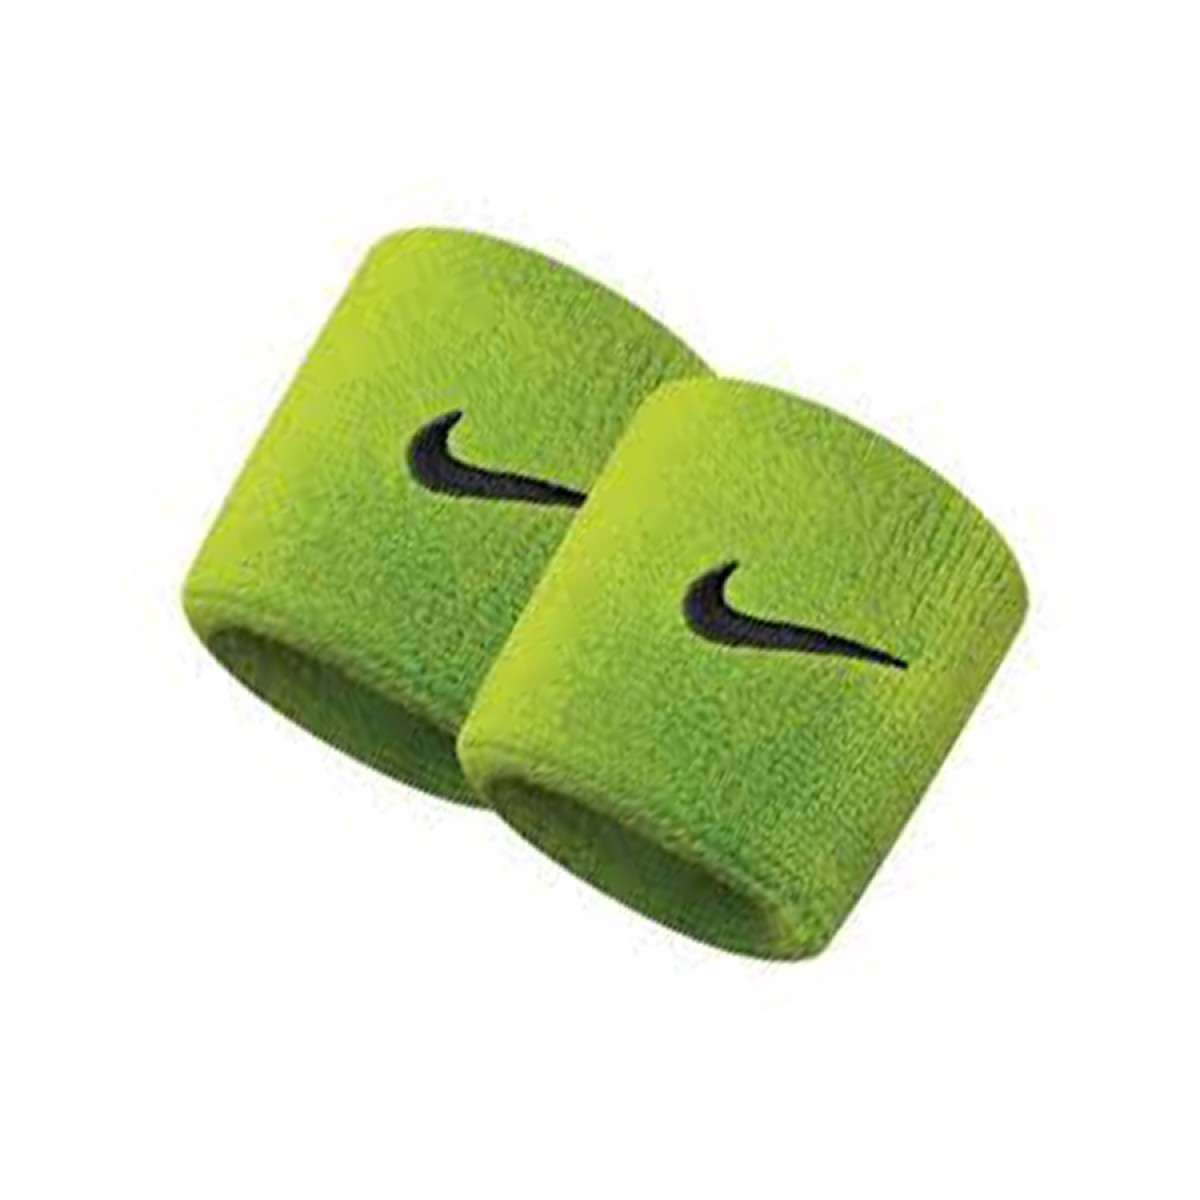 Nike Wristband 'Green'